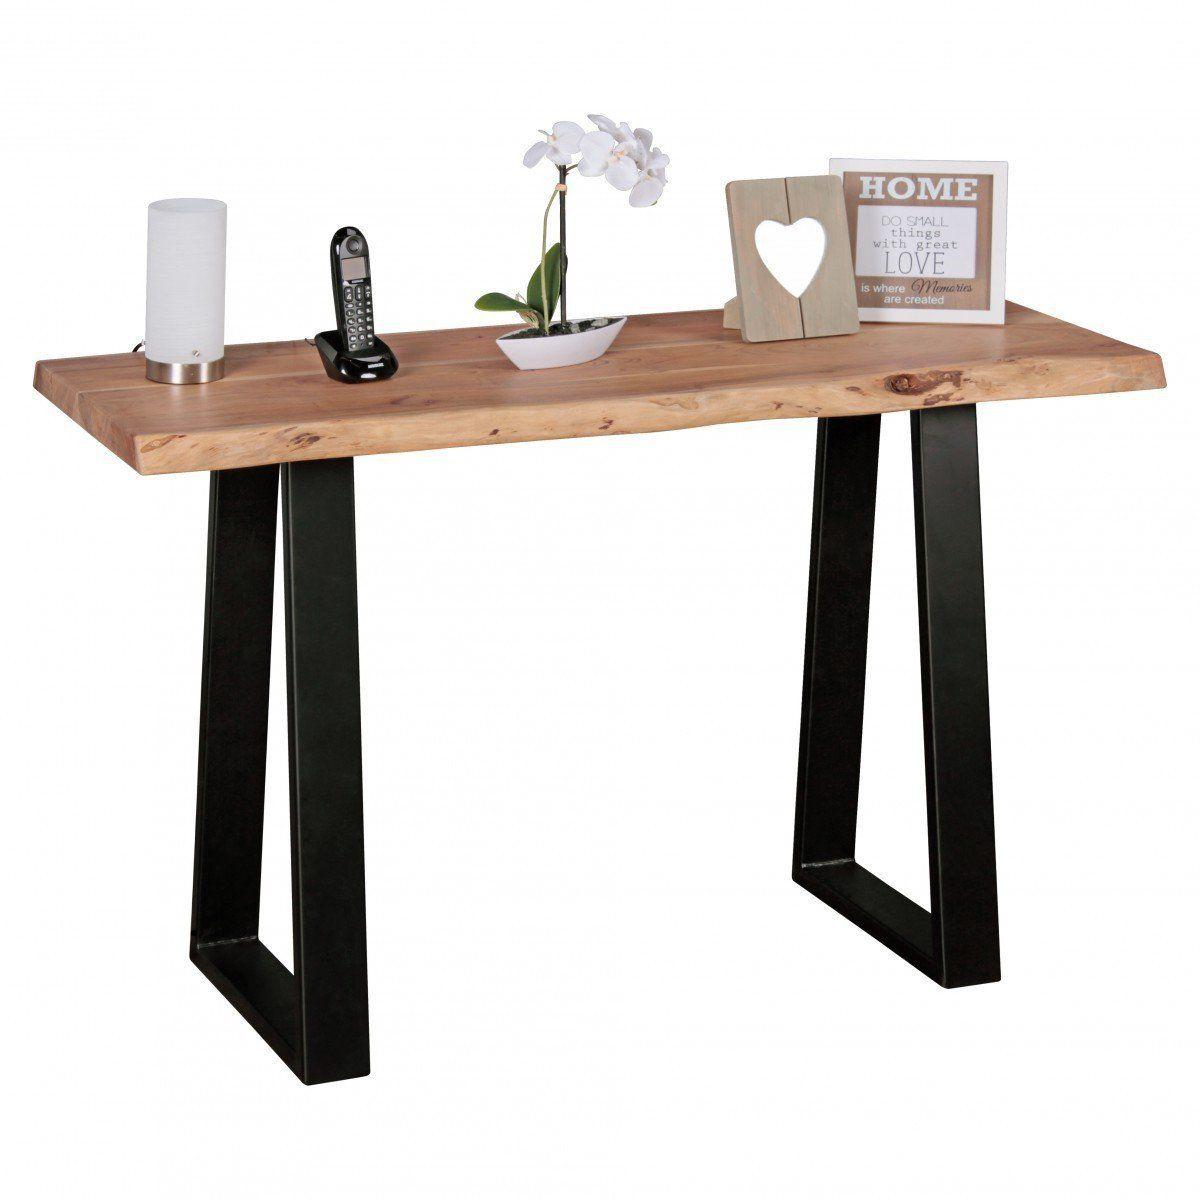 industrial style baumstamm konsolentisch holz massiv. Black Bedroom Furniture Sets. Home Design Ideas